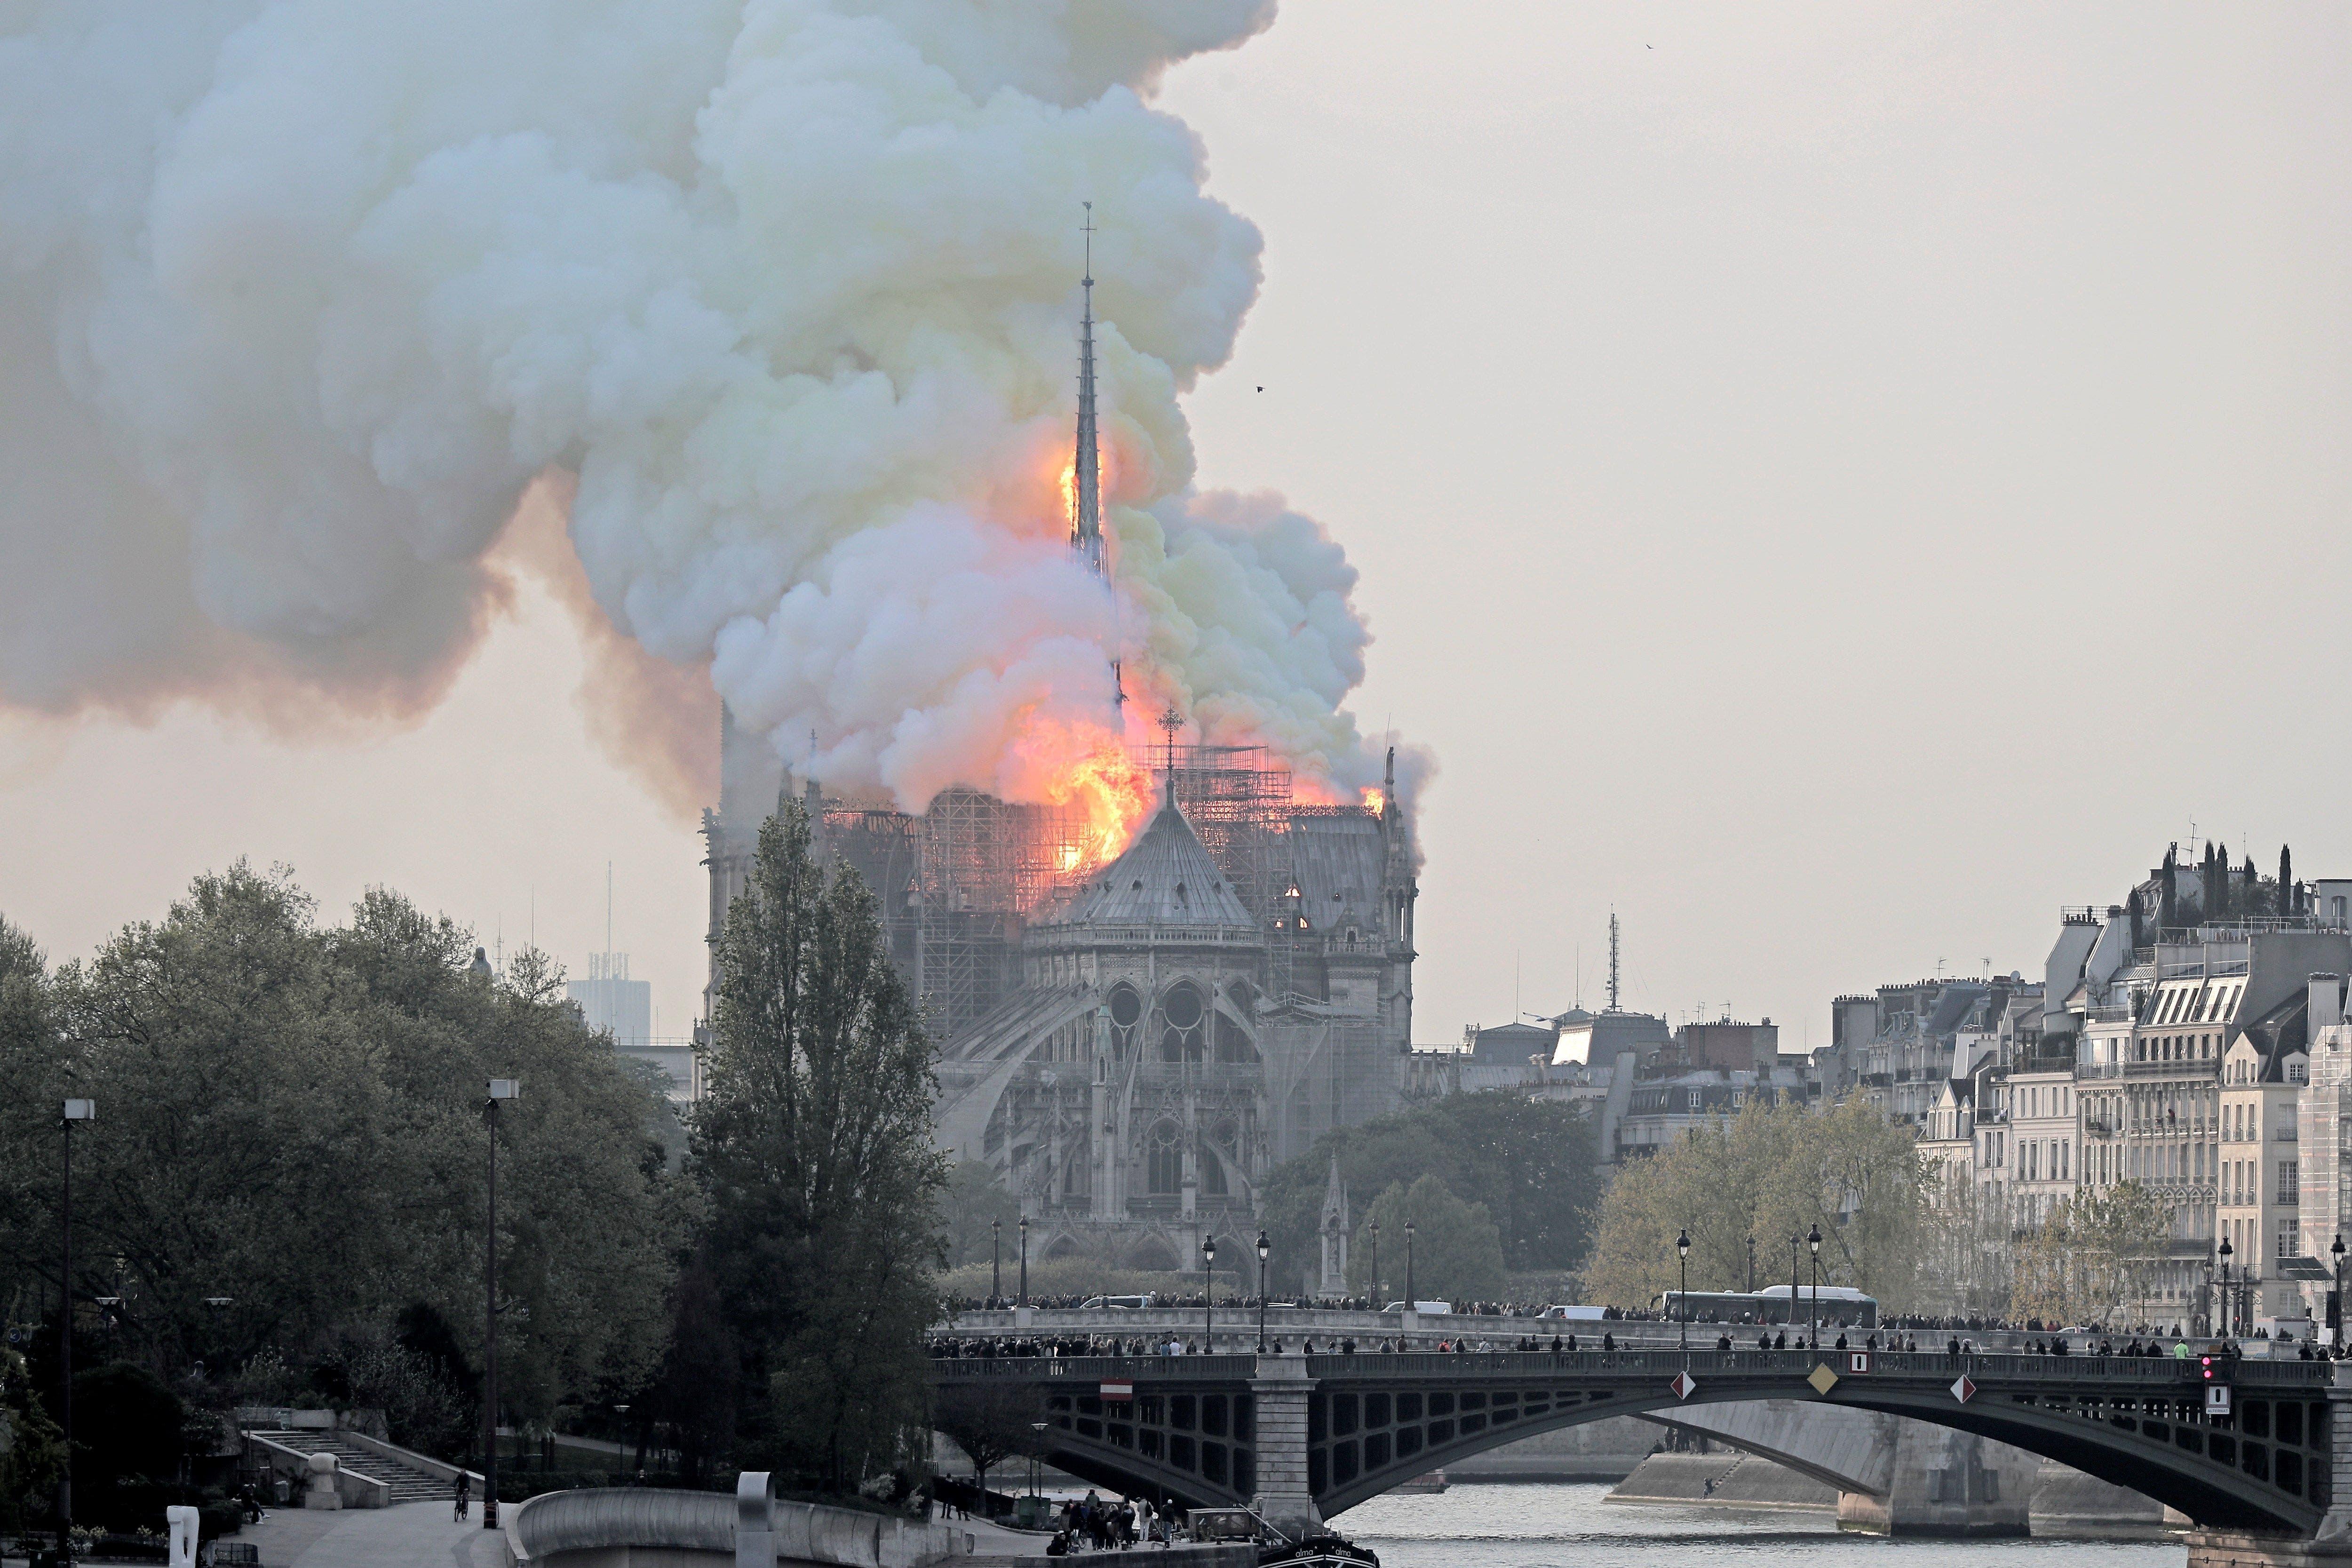 8. La aguja central de la catedral de Notre Dame de París se derrumbó este lunes devorada por un incendio que afectó a buena parte del tejado del templo gótico